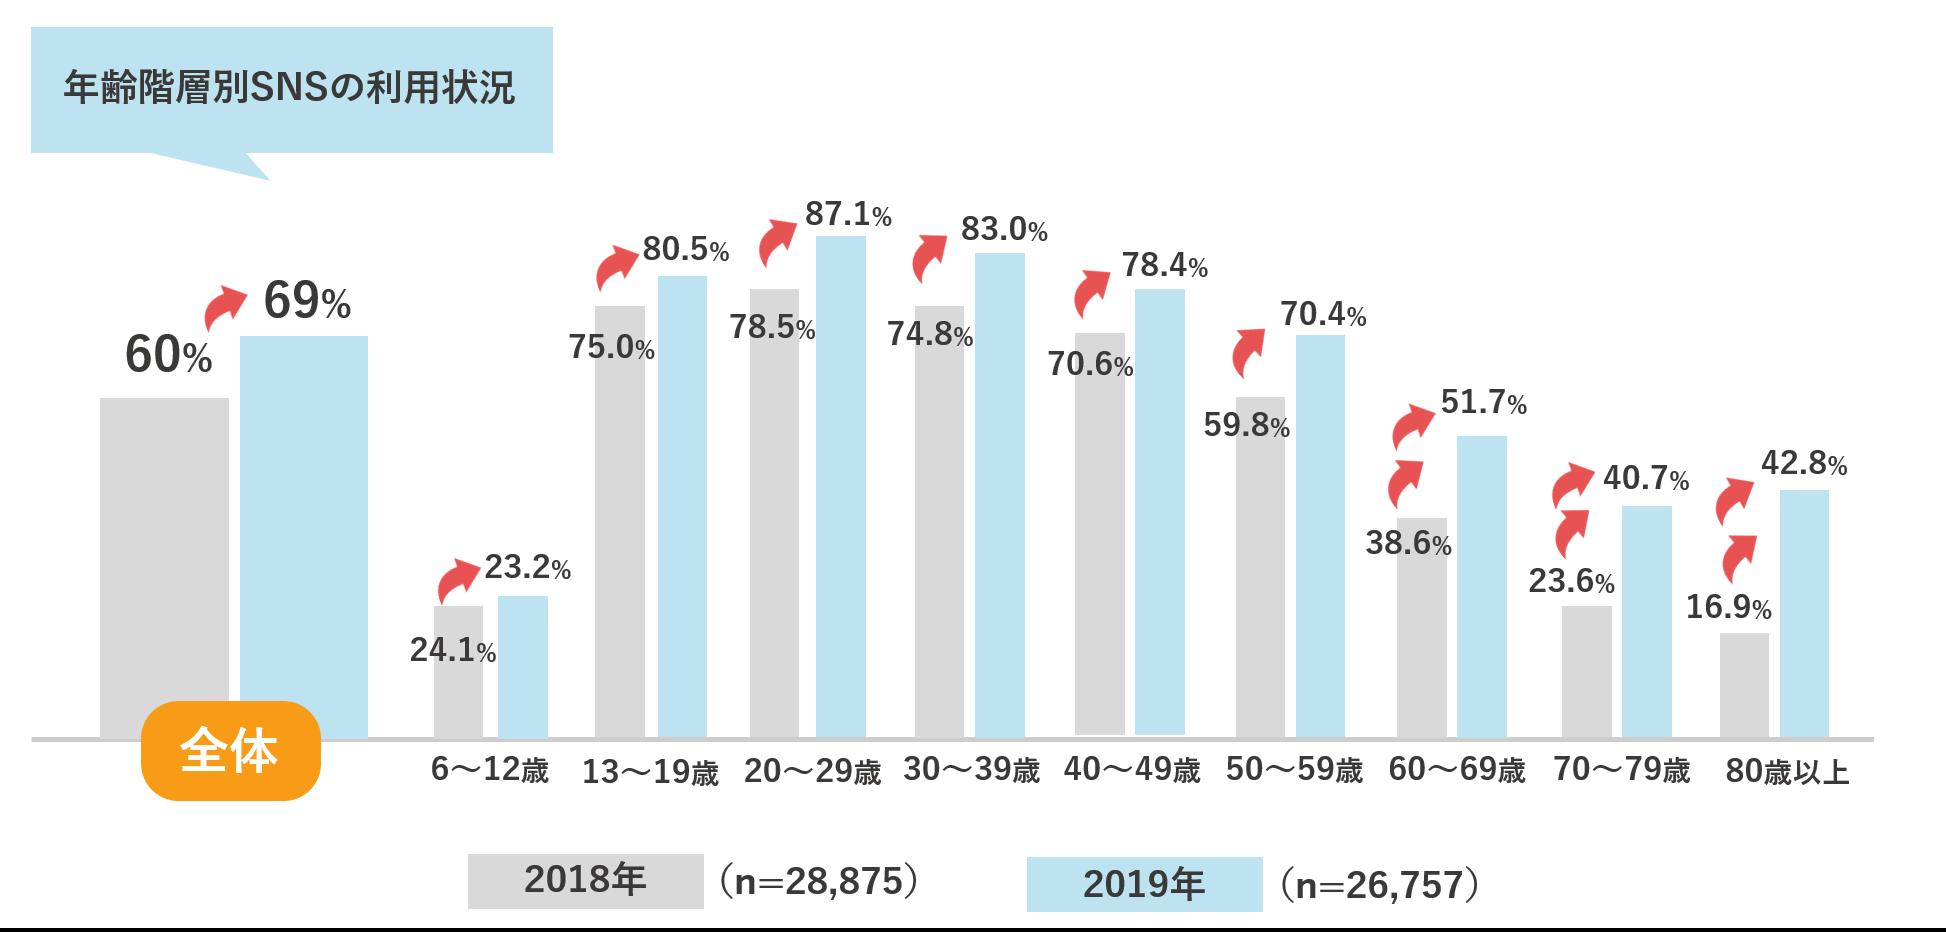 年齢階層別SNSの利用状況の変化